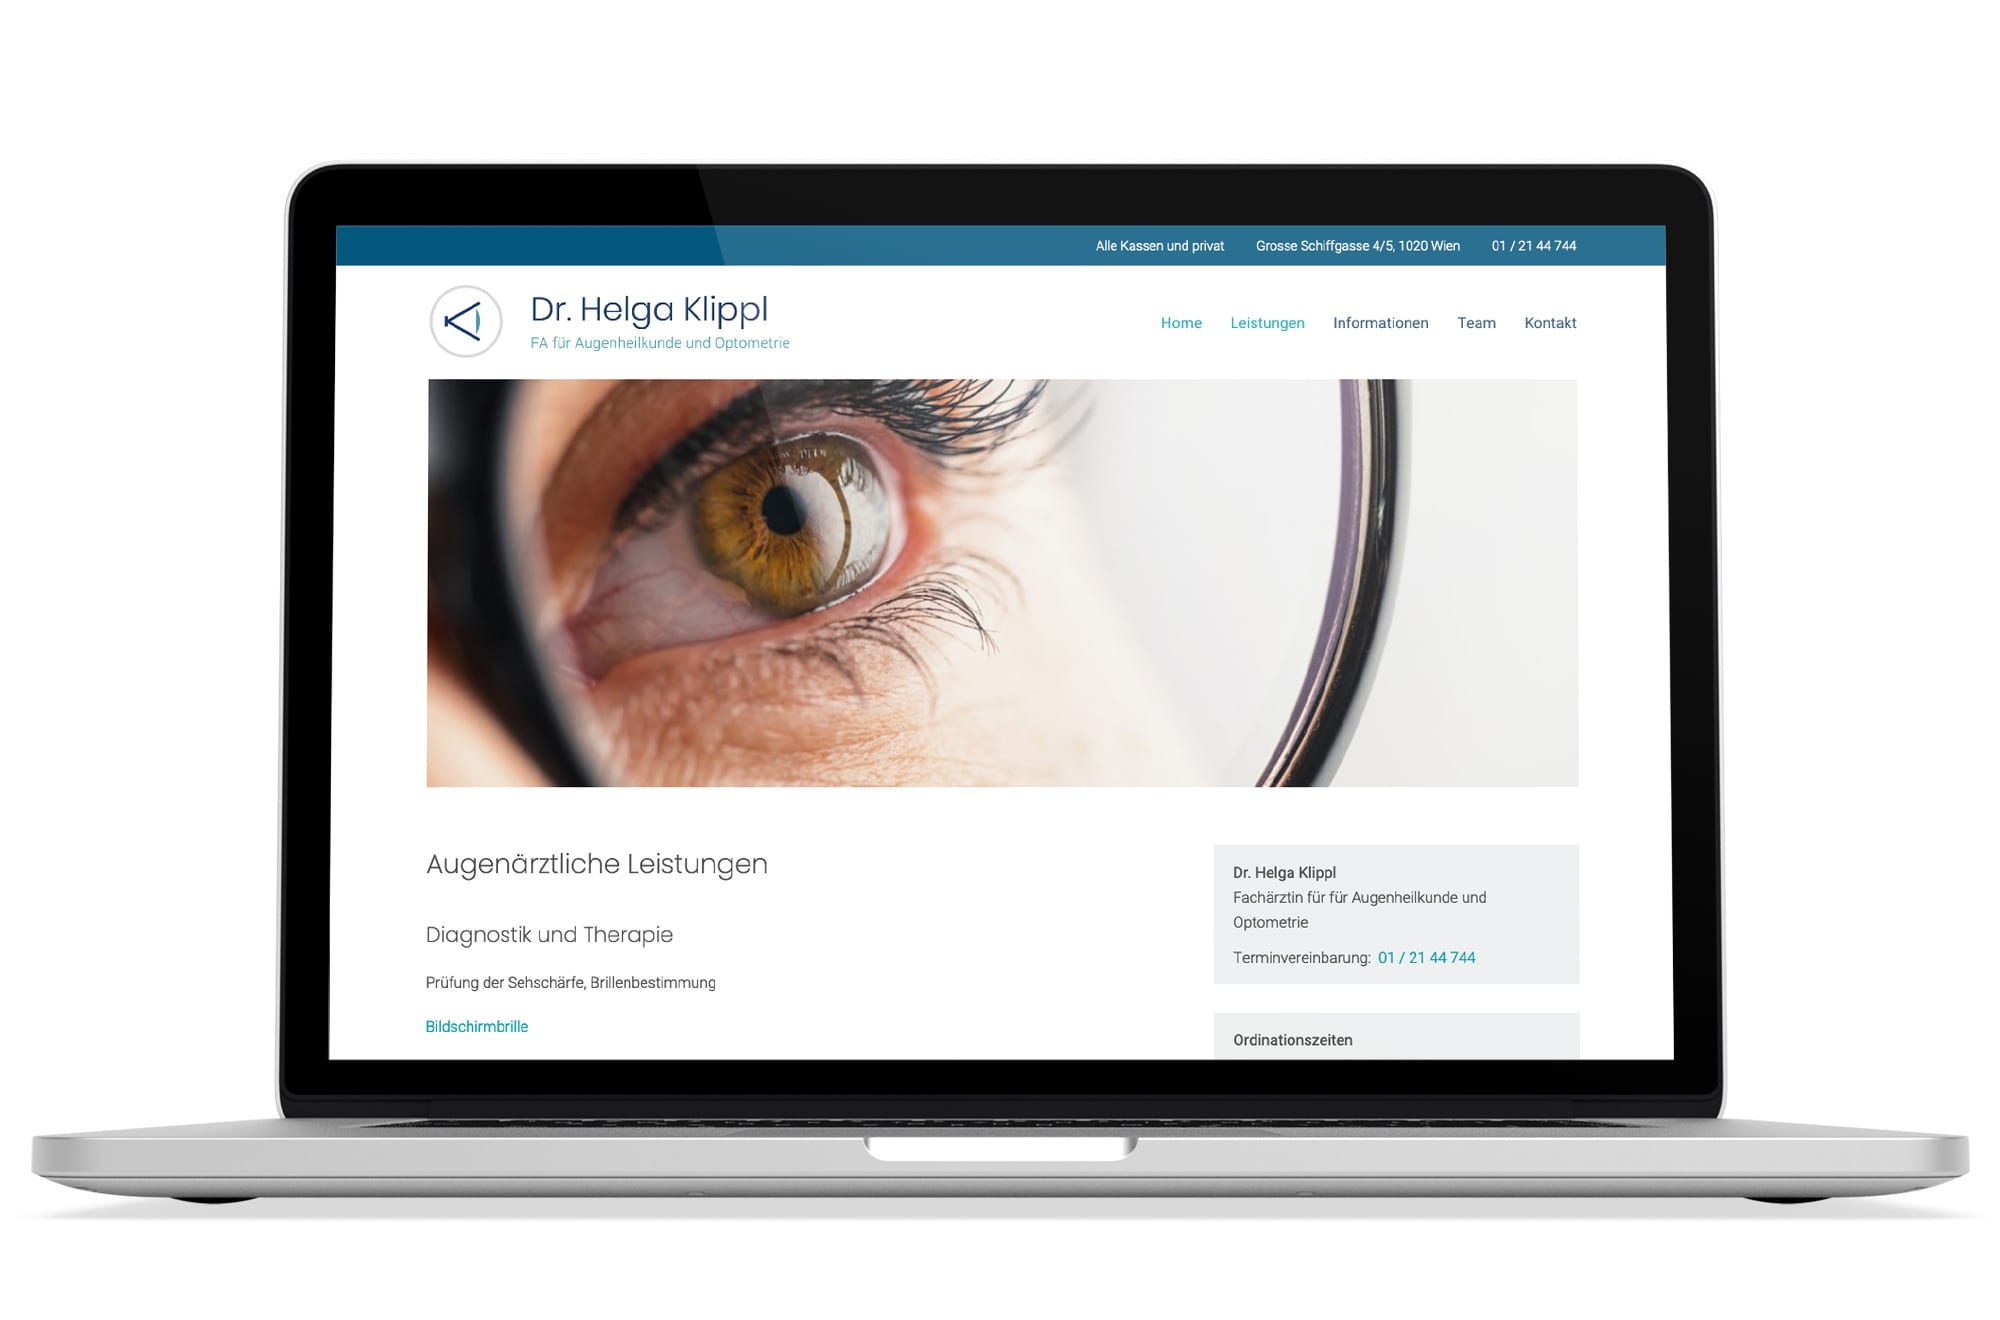 Webdesign Beispiel: Logodesign, Responsive Webdesign, WordPress für Augenarzt 1020 Wien